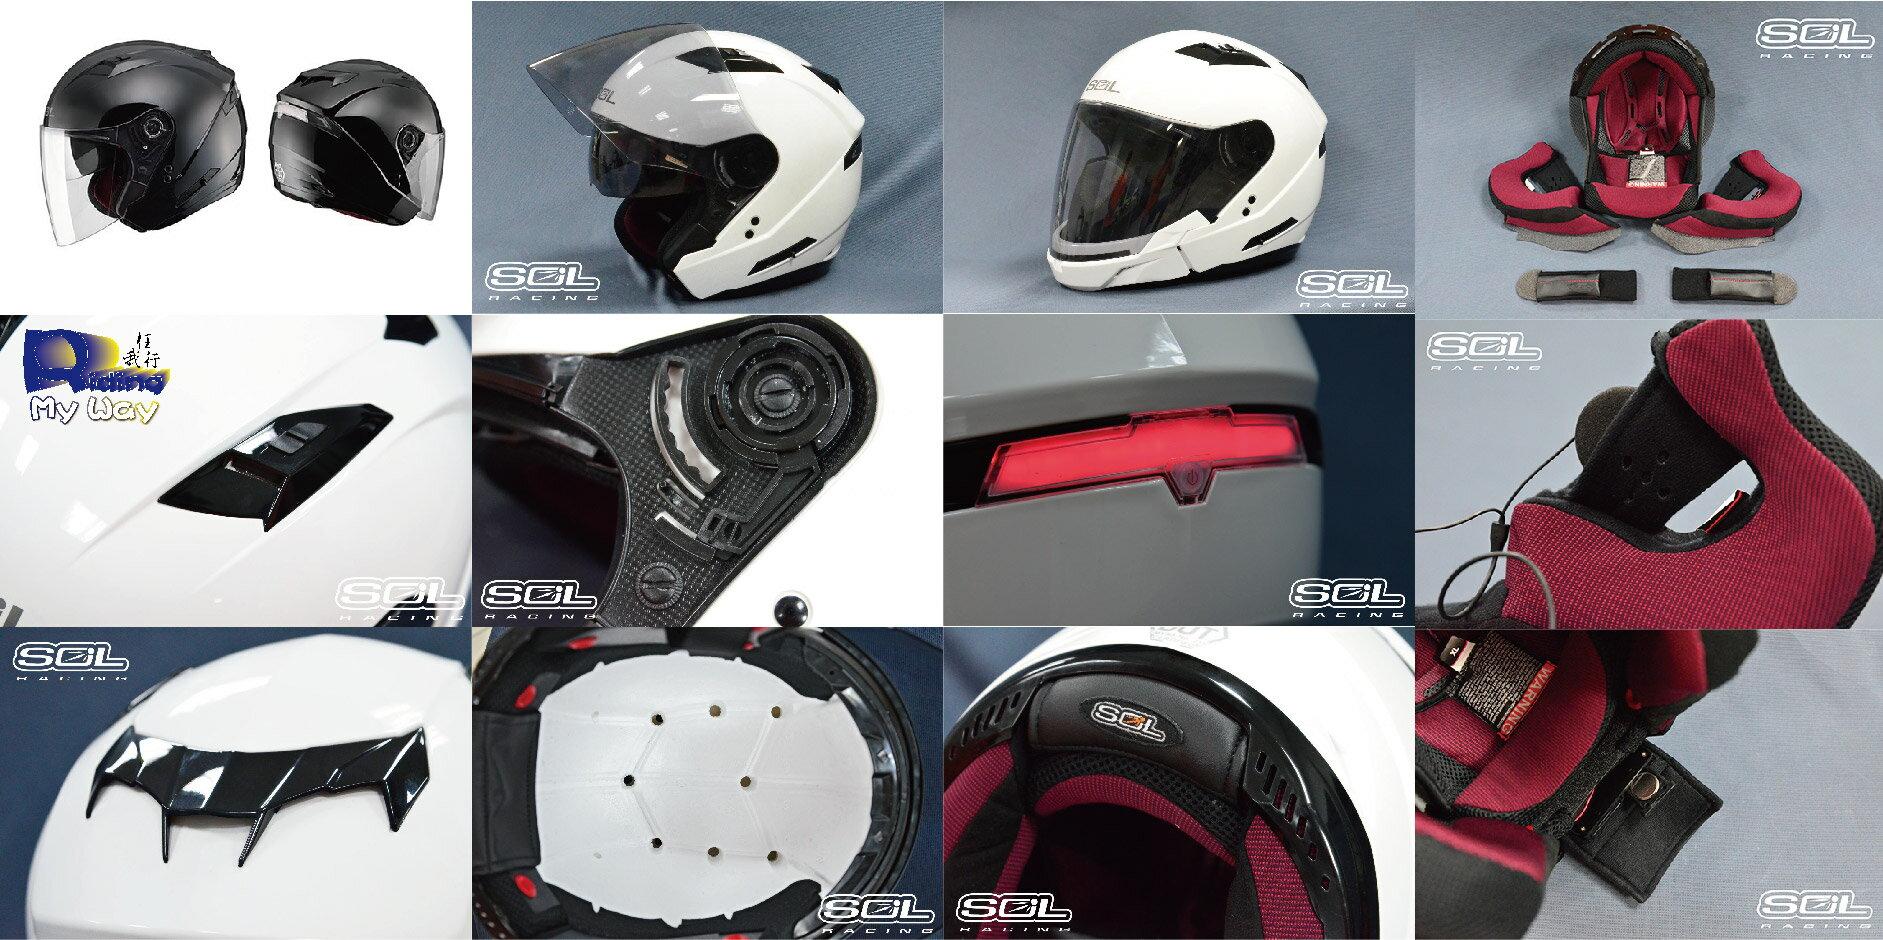 ~任我行騎士人身安全部品專賣~SOL SO-7 星際 黑灰 Interstellar 3/4罩 內藏墨鏡 安全帽 SO7